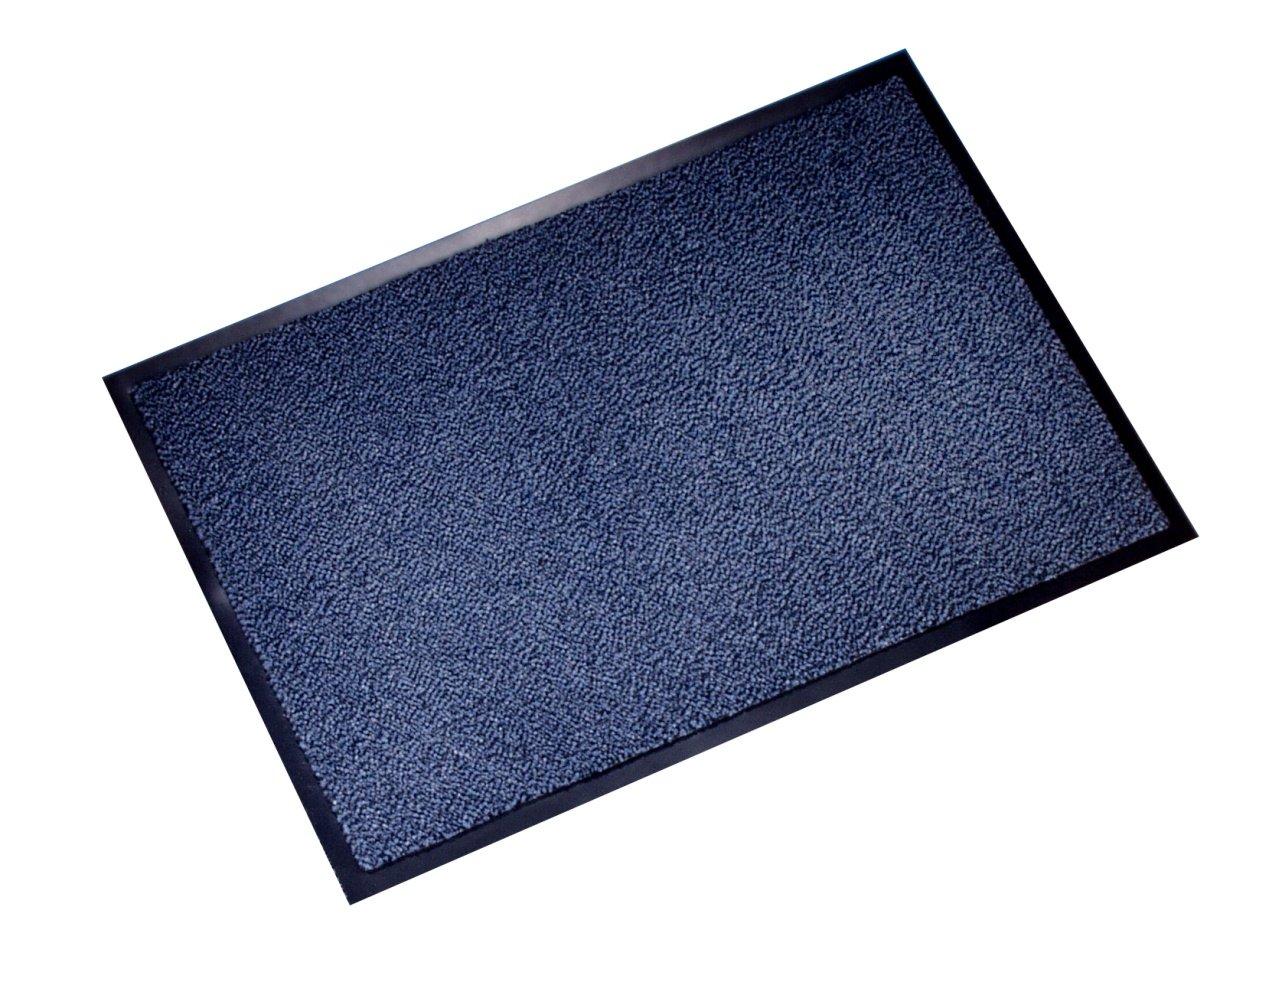 Schmutzfangmatte für den Innenbereich 120 x 300 cm blau mit AntirutschBeschichtung   Kundenbewertung: